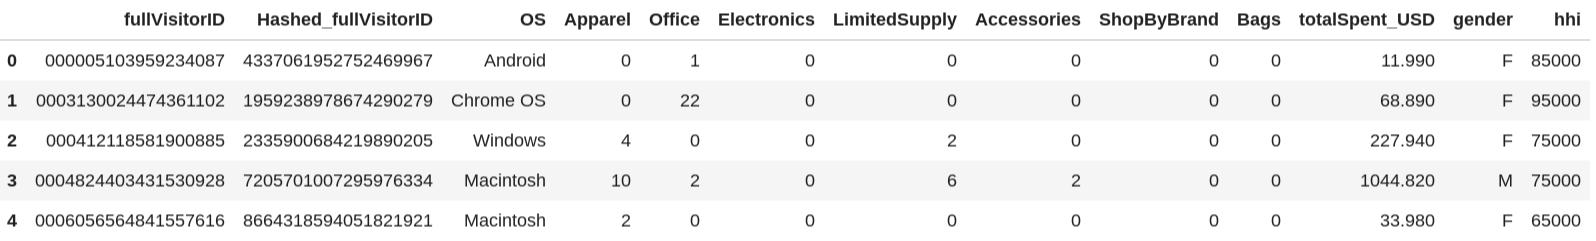 联接的客户数据和交易数据的前 5 行。